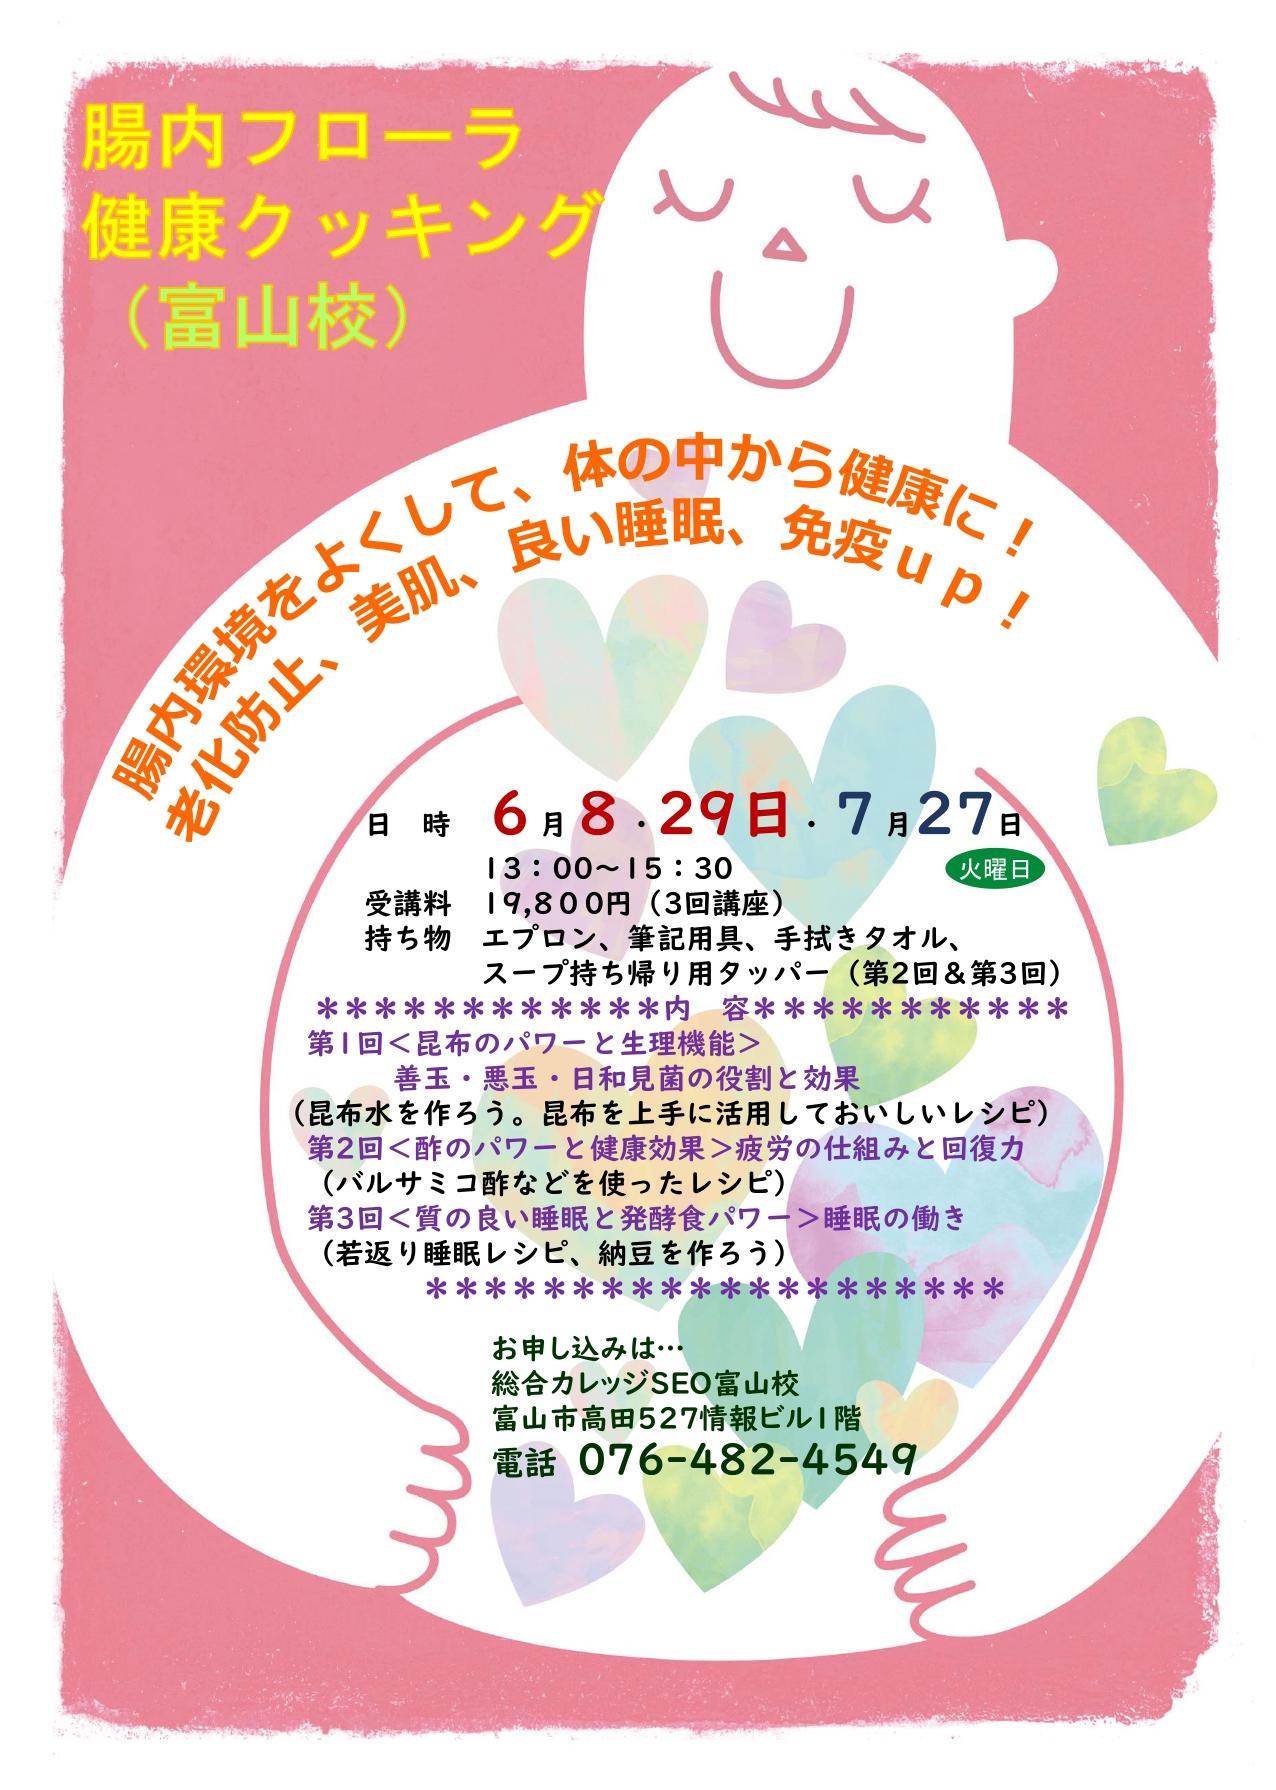 腸内フローラ健康クッキング(2ndステージ)_page-0001